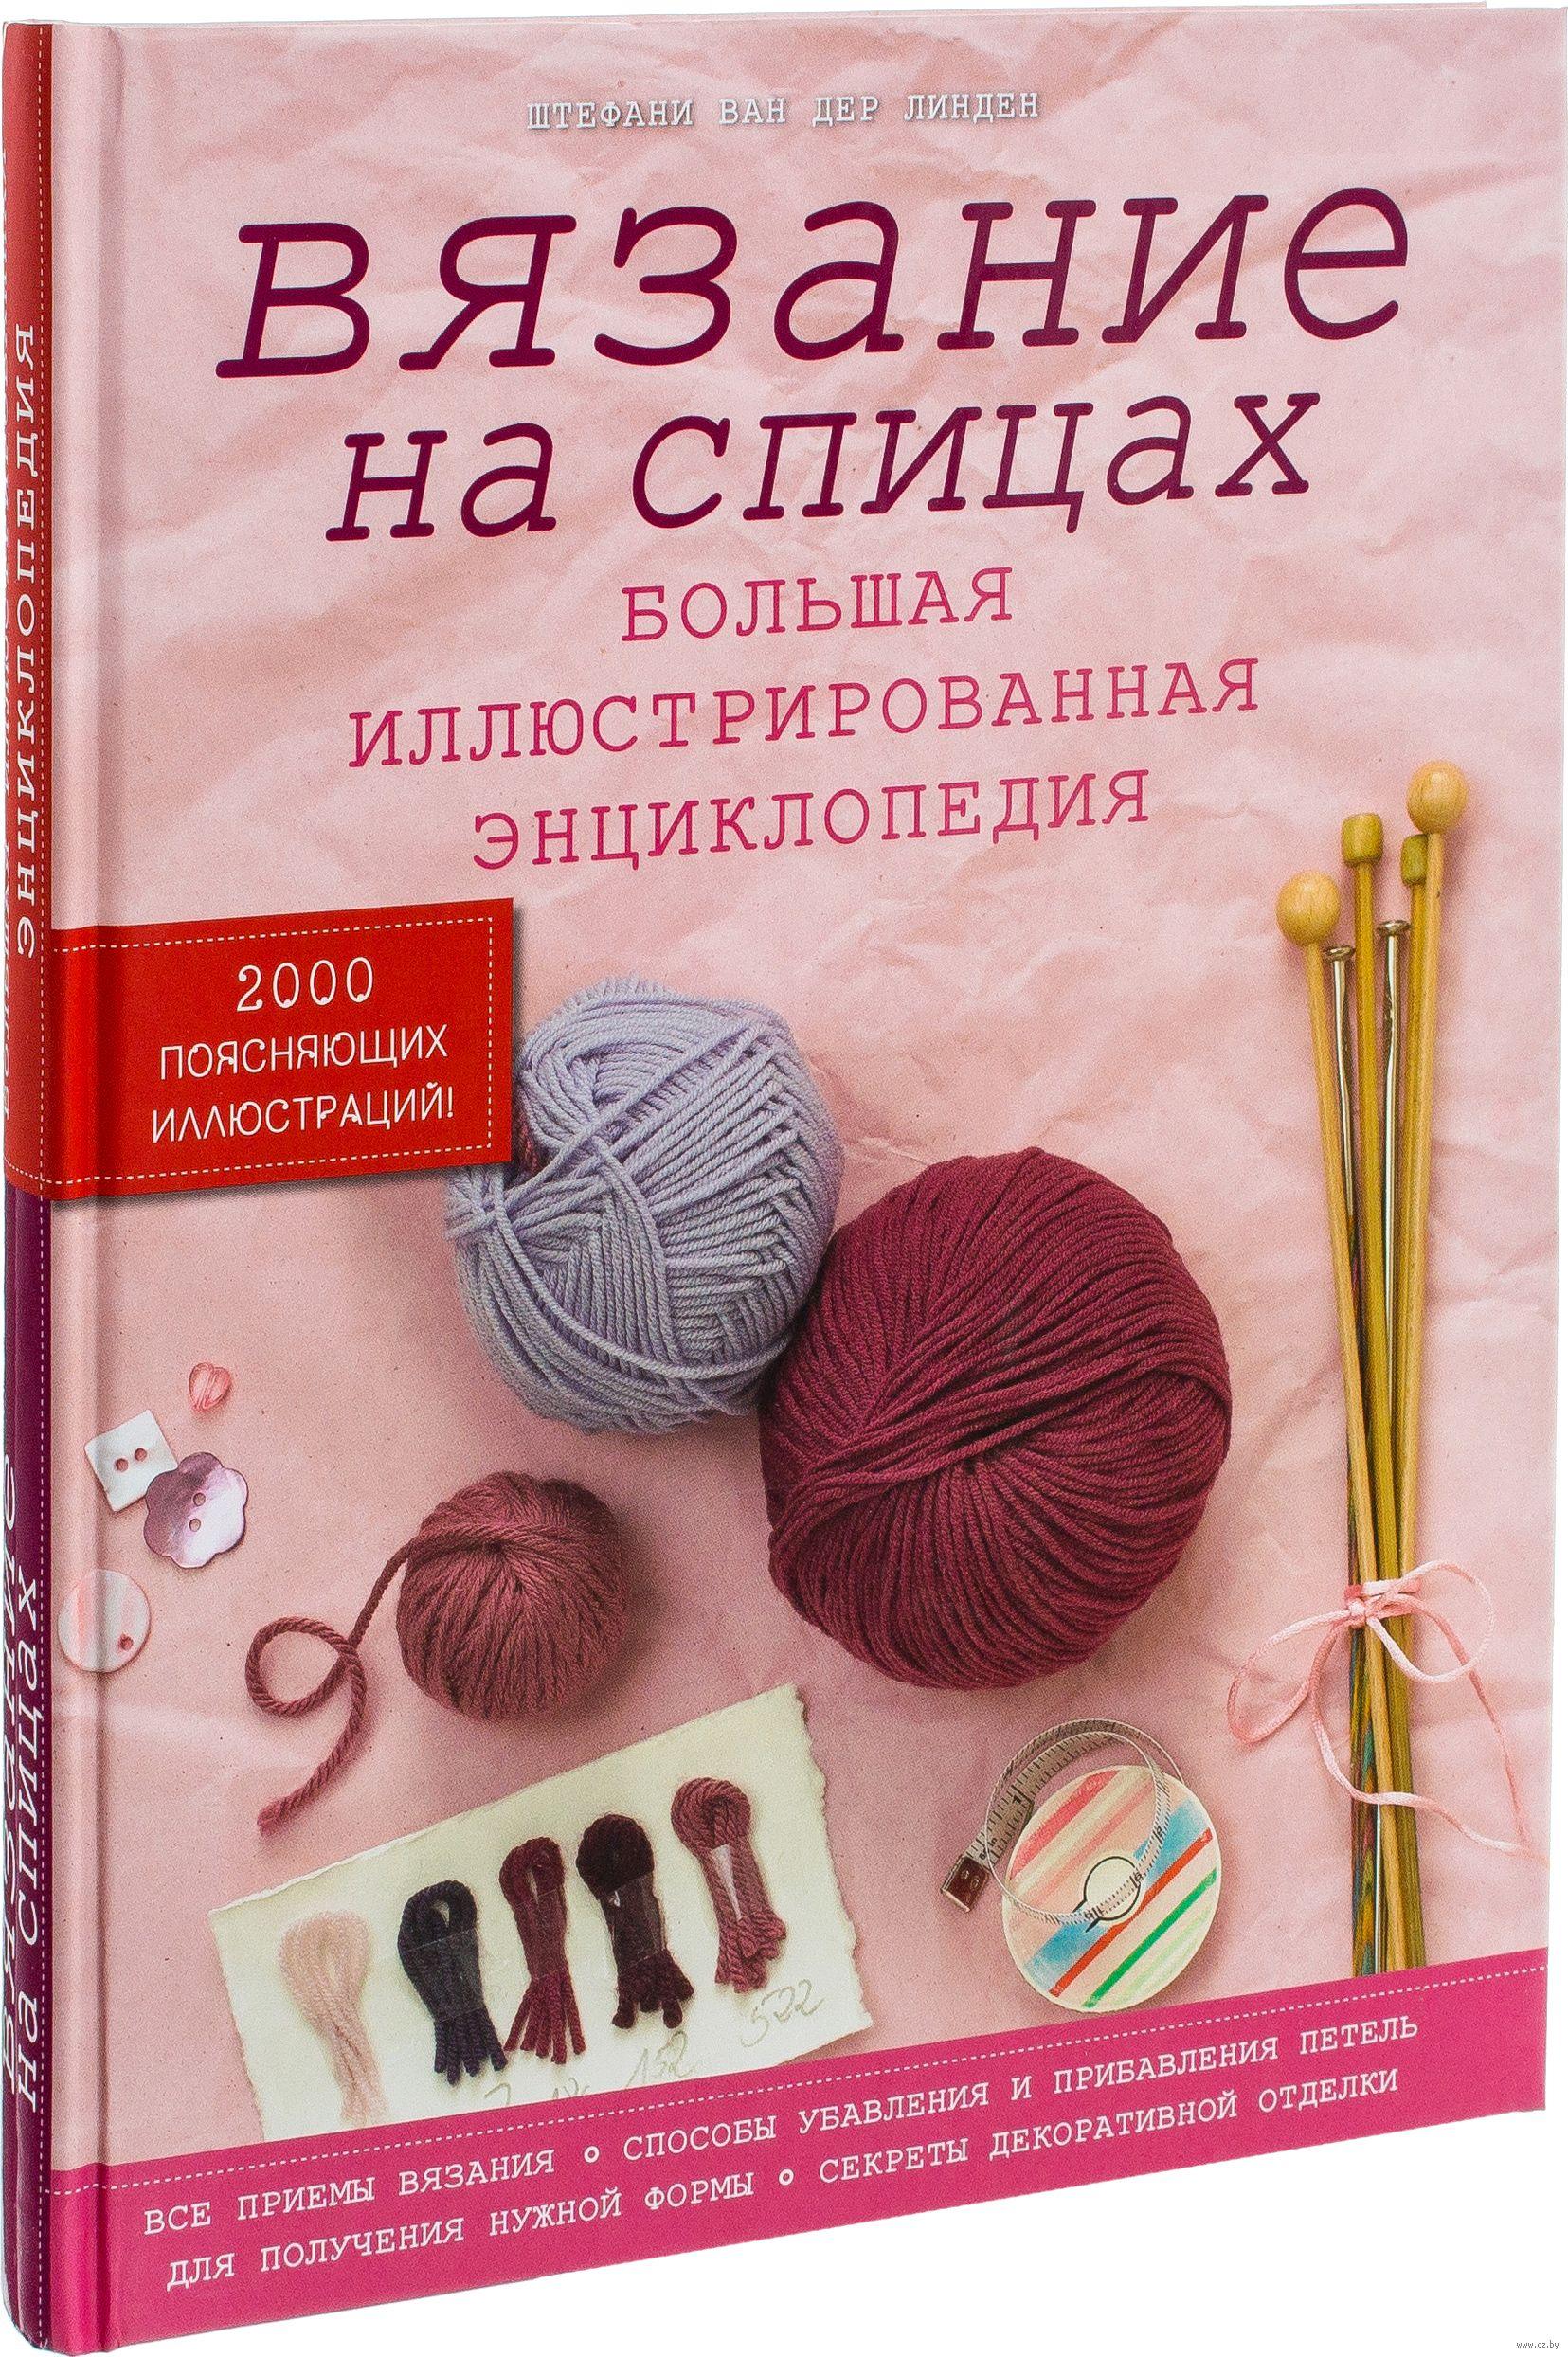 Энциклопедия вязание на спицах